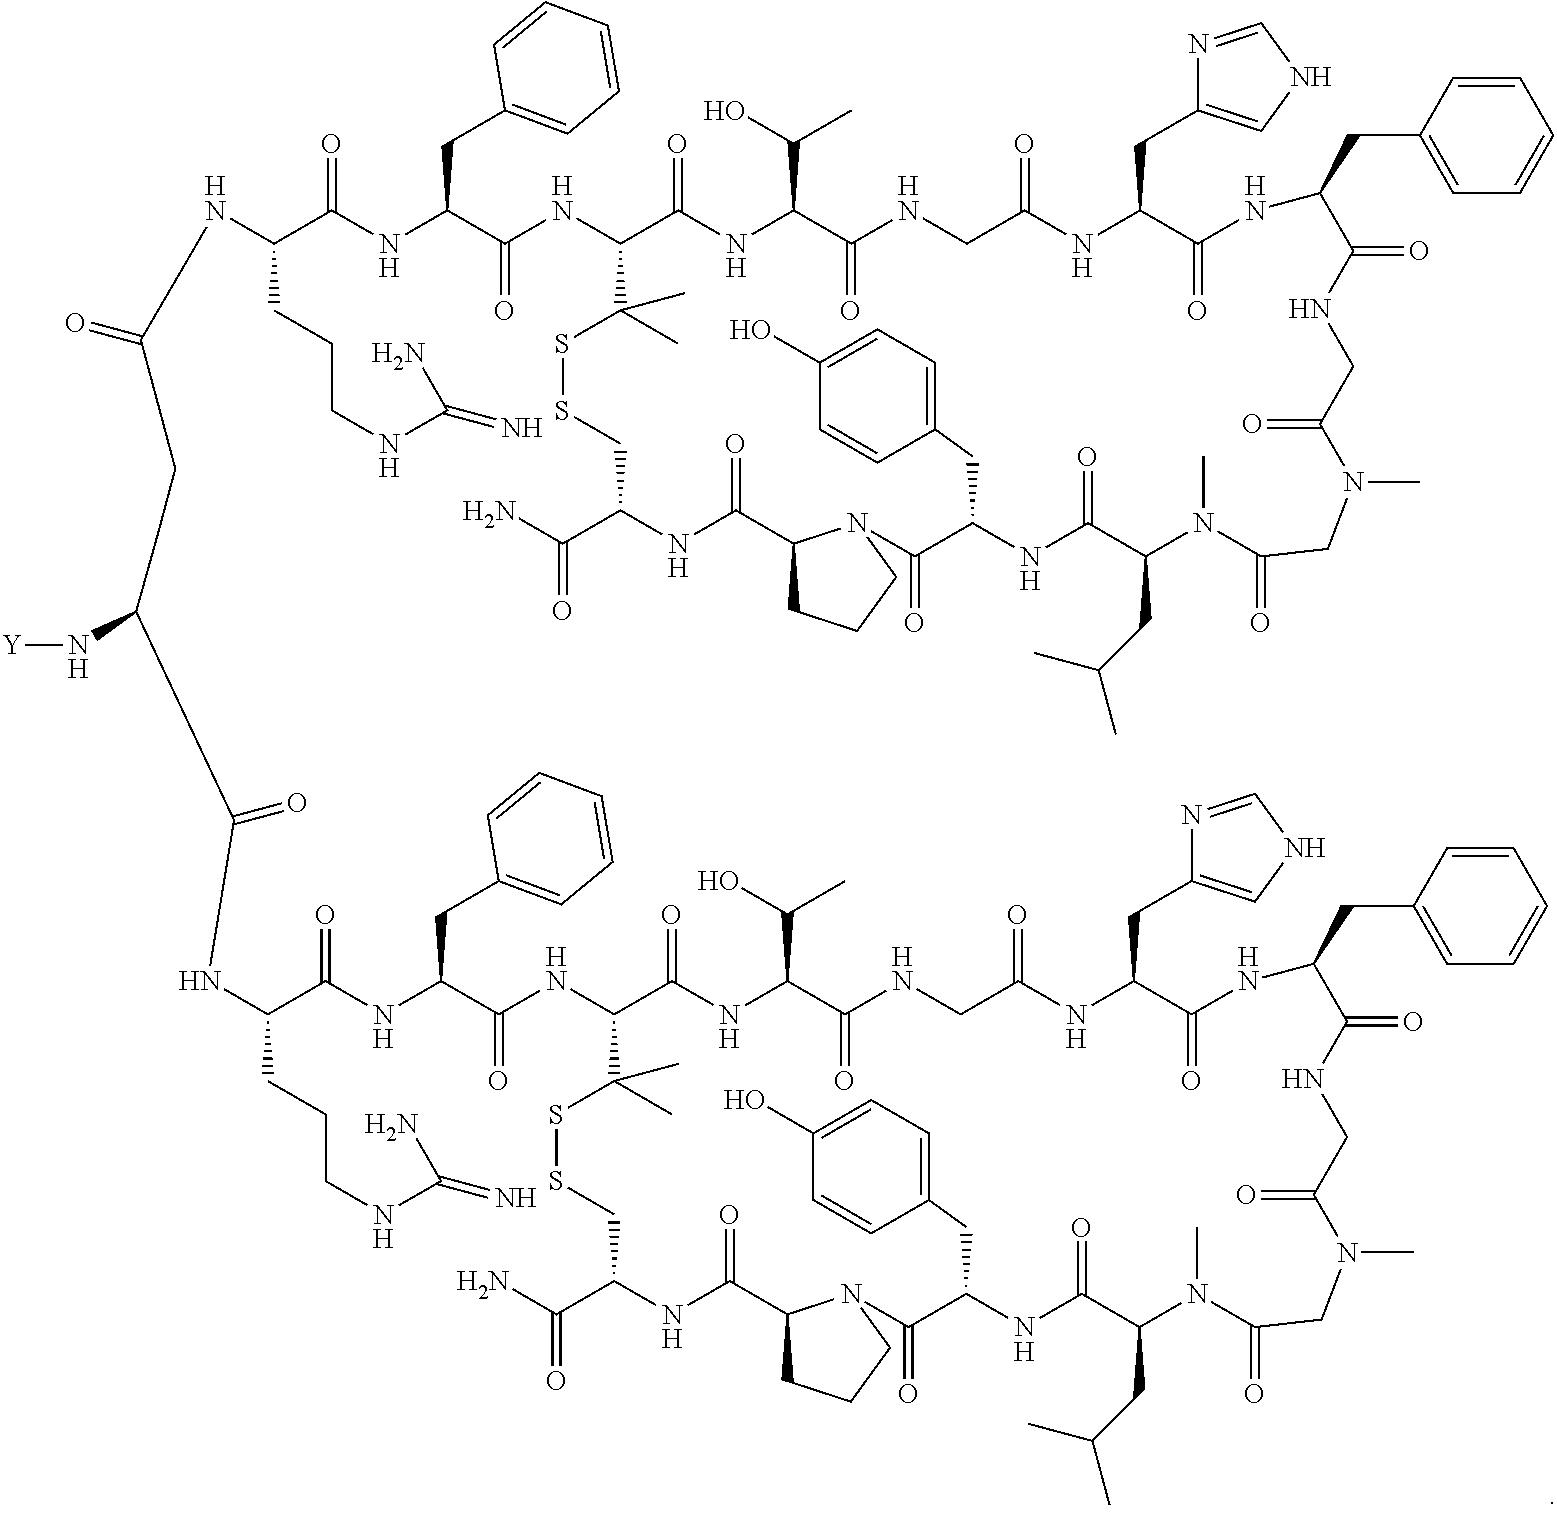 Figure US20110230639A1-20110922-C00011